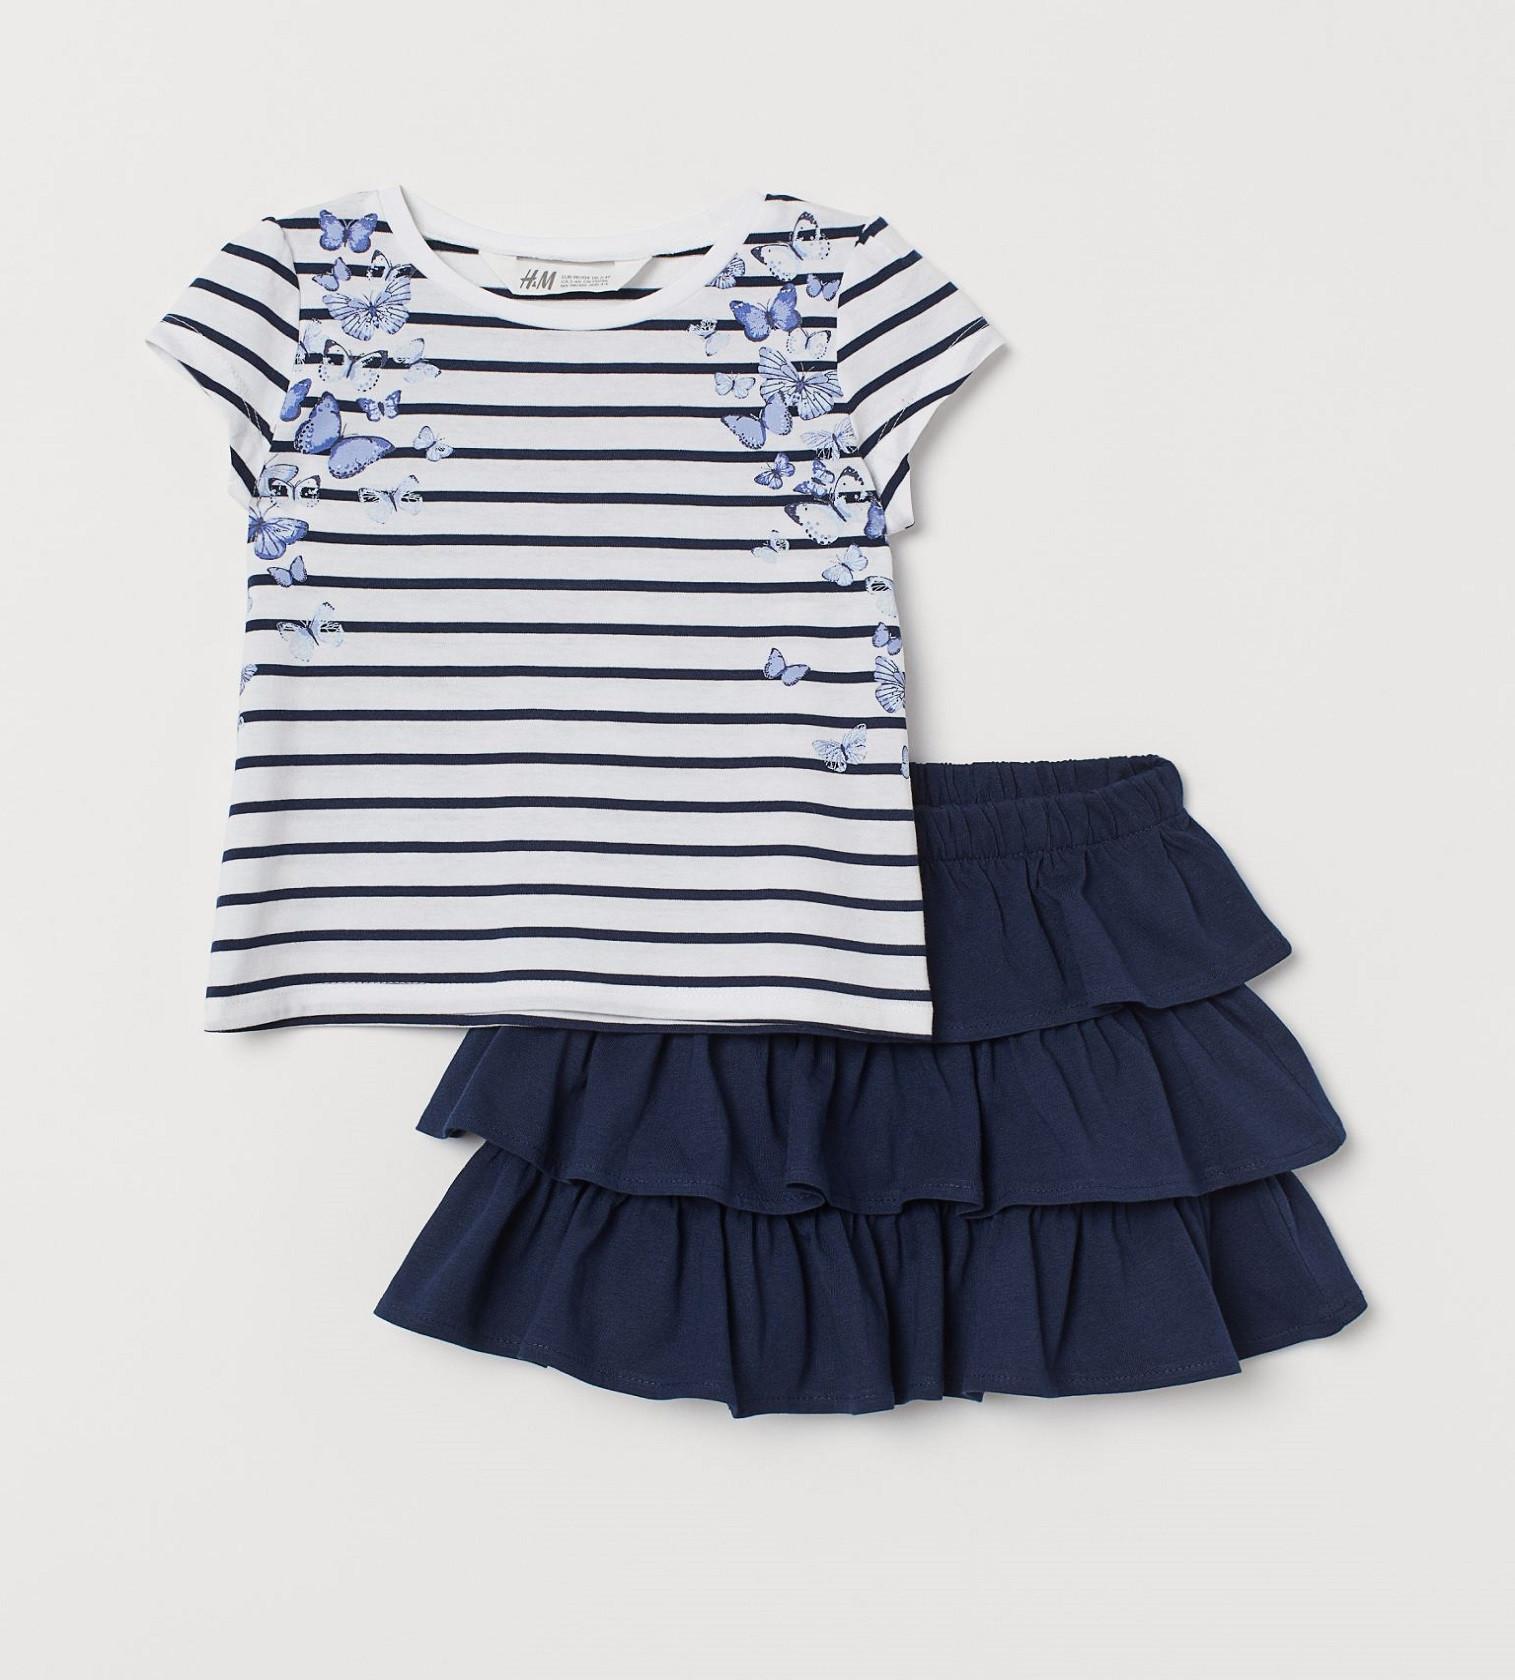 Купити Комплект H & M Темно-синій / Біла смужка - фото 1